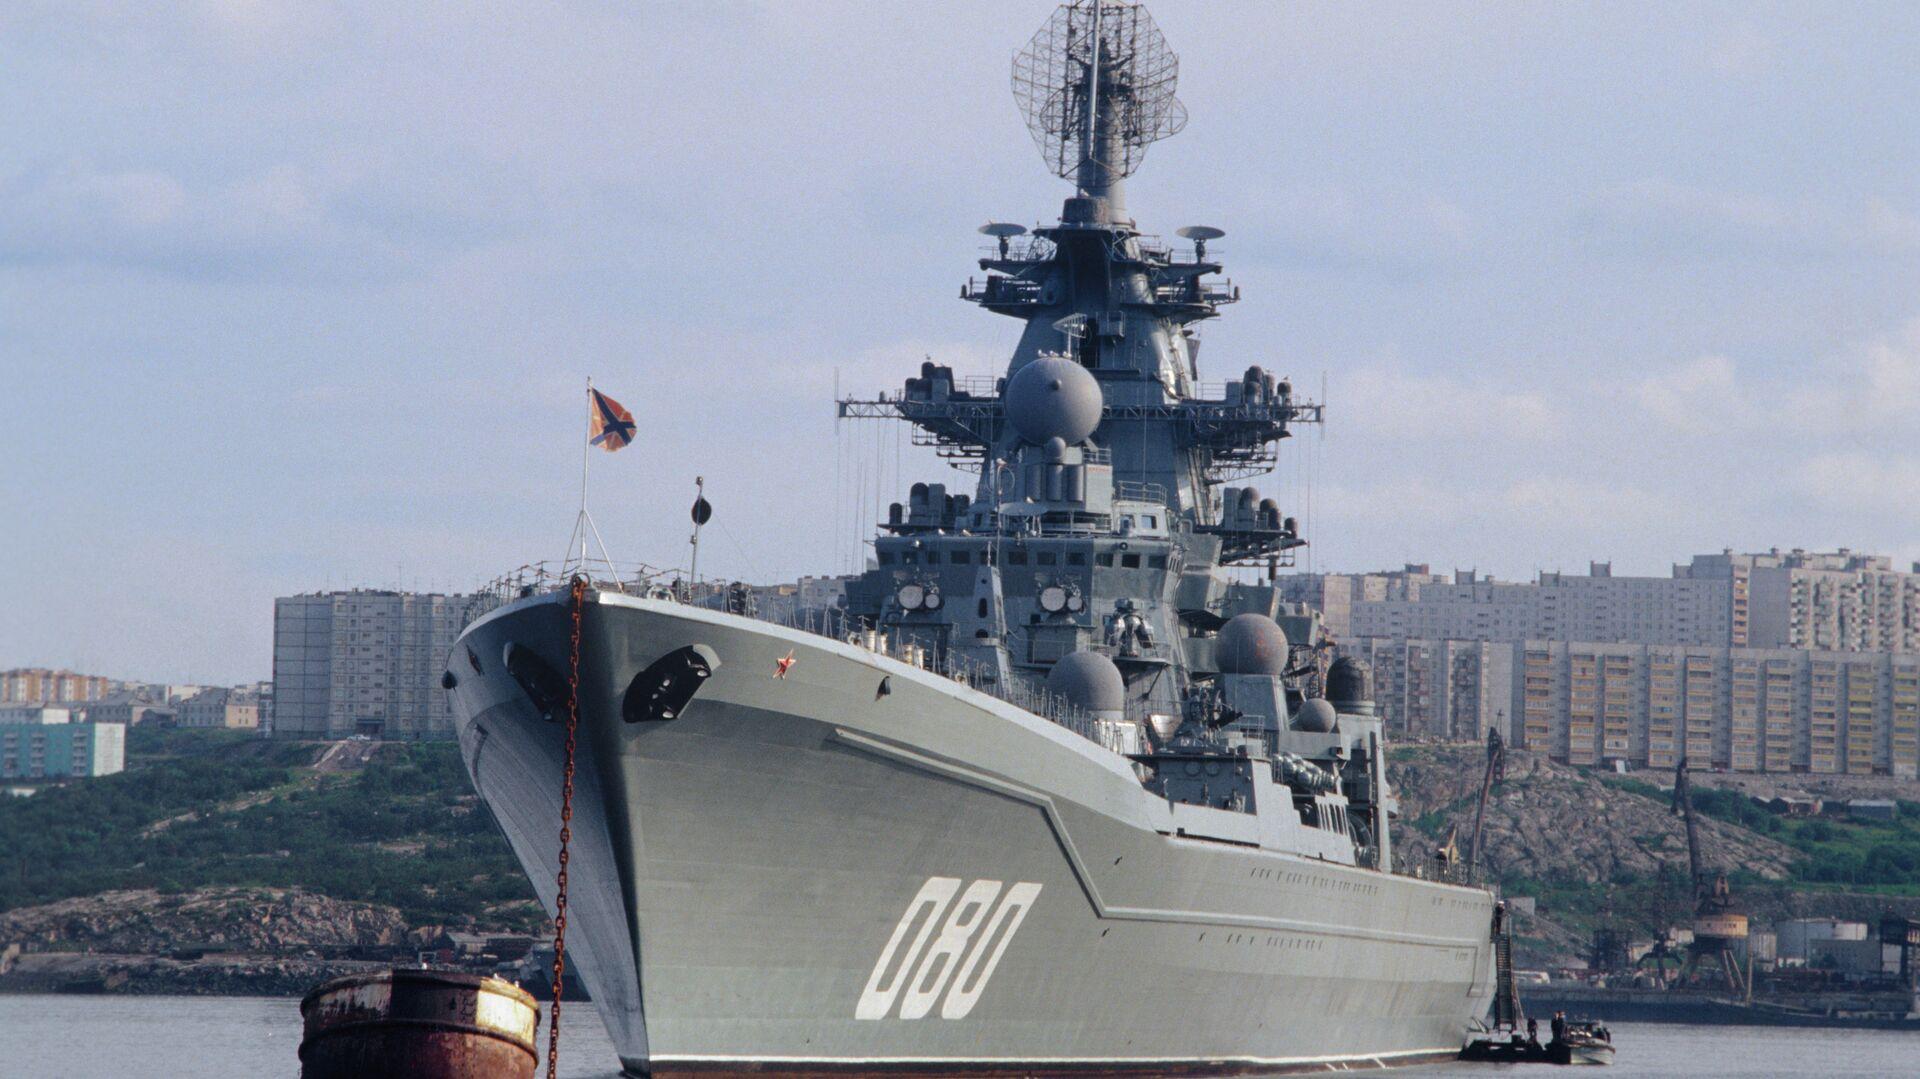 Тяжёлый атомный ракетный крейсер Адмирал Нахимов - РИА Новости, 1920, 21.08.2020